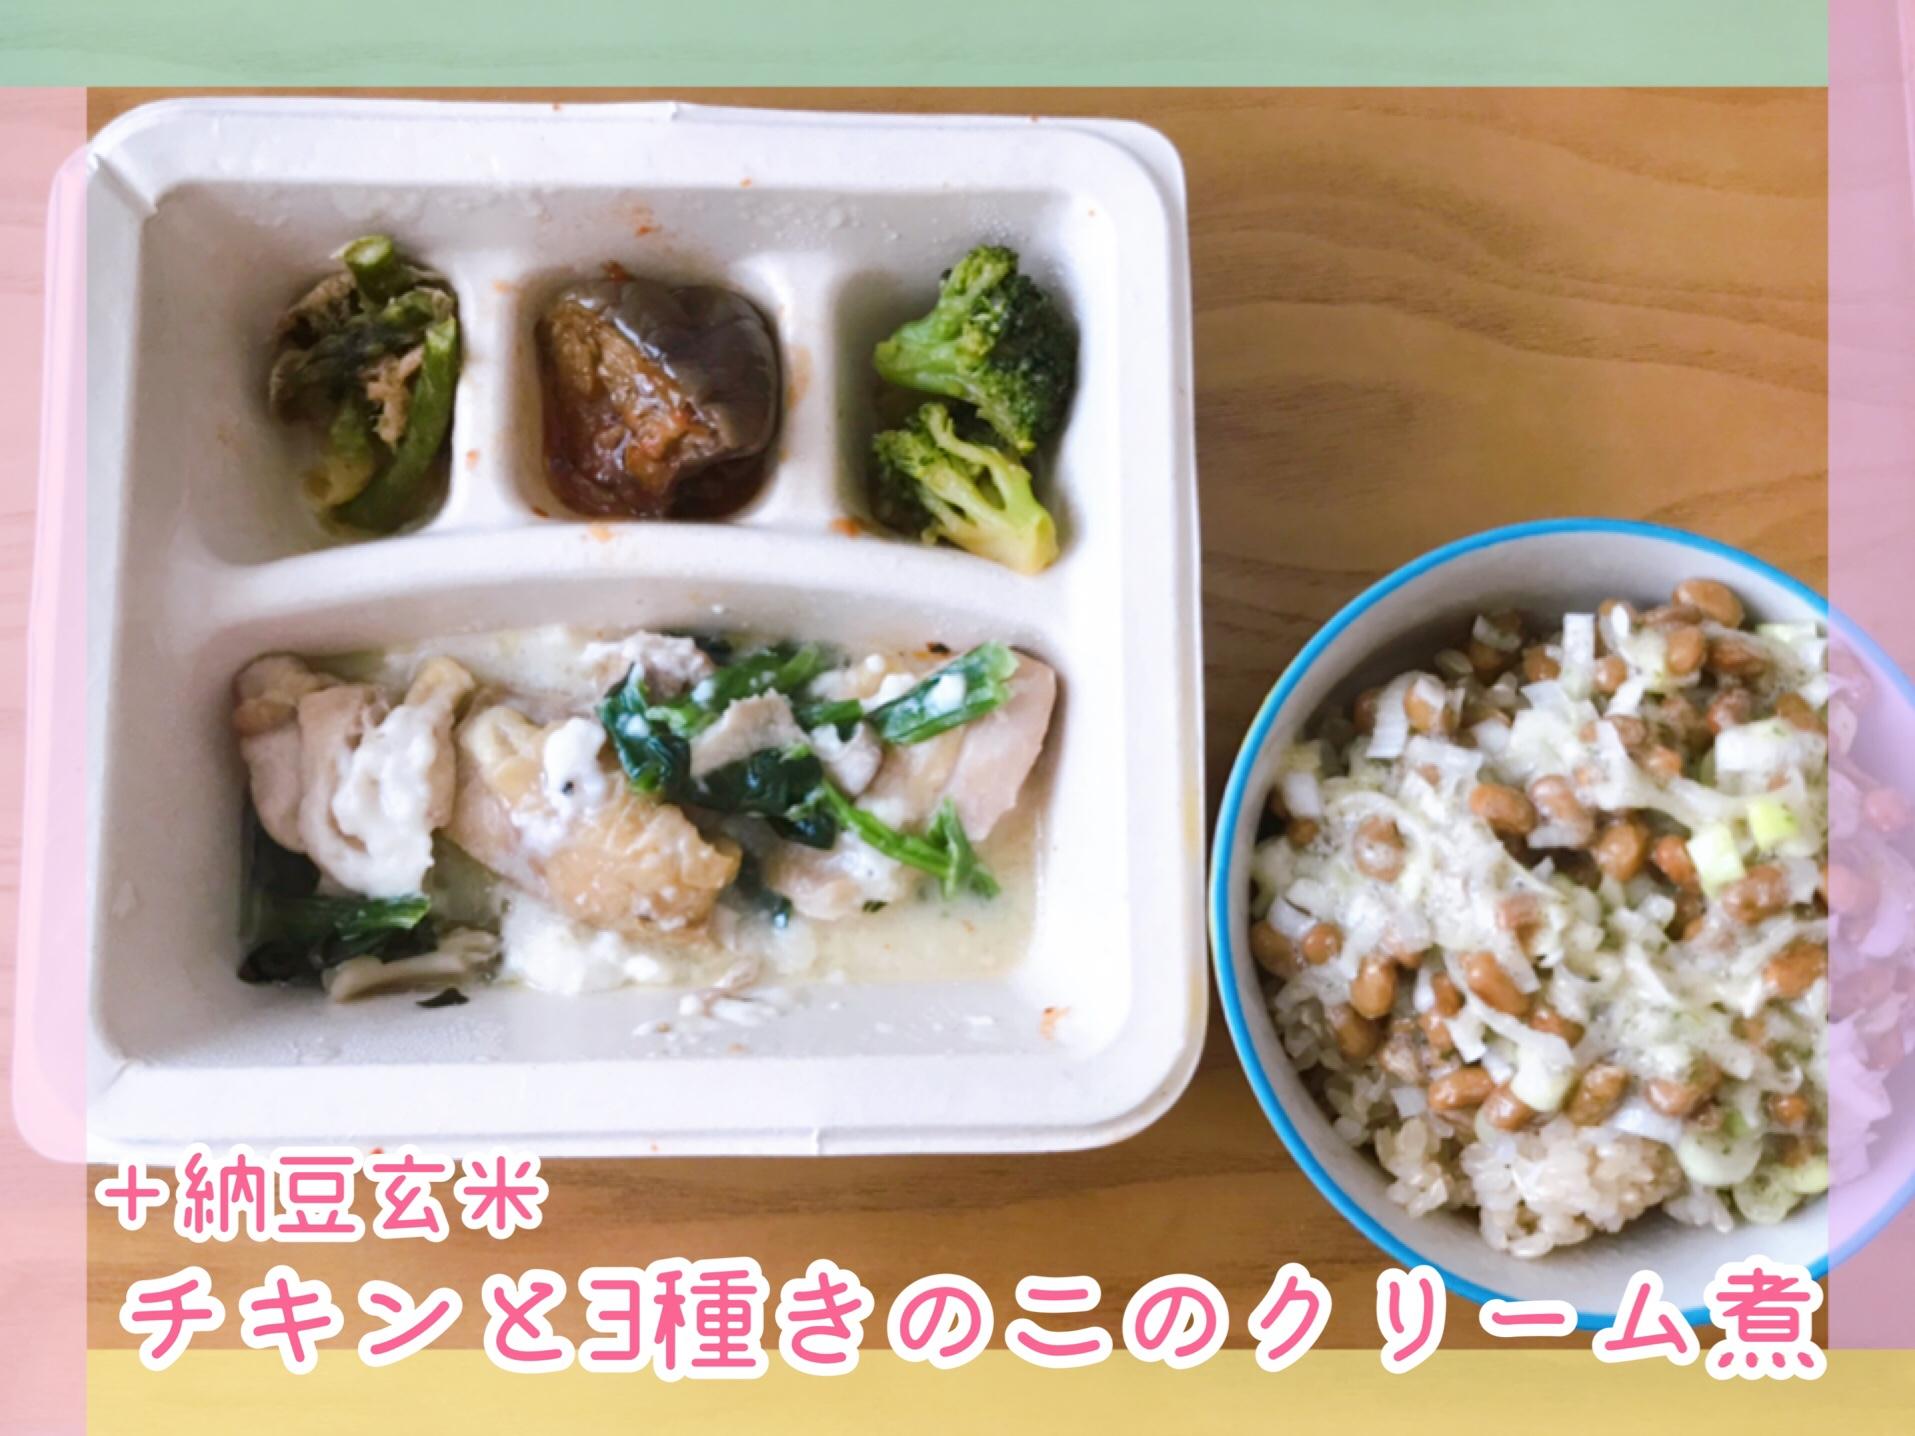 inosh(ナッシュ)ダイエット